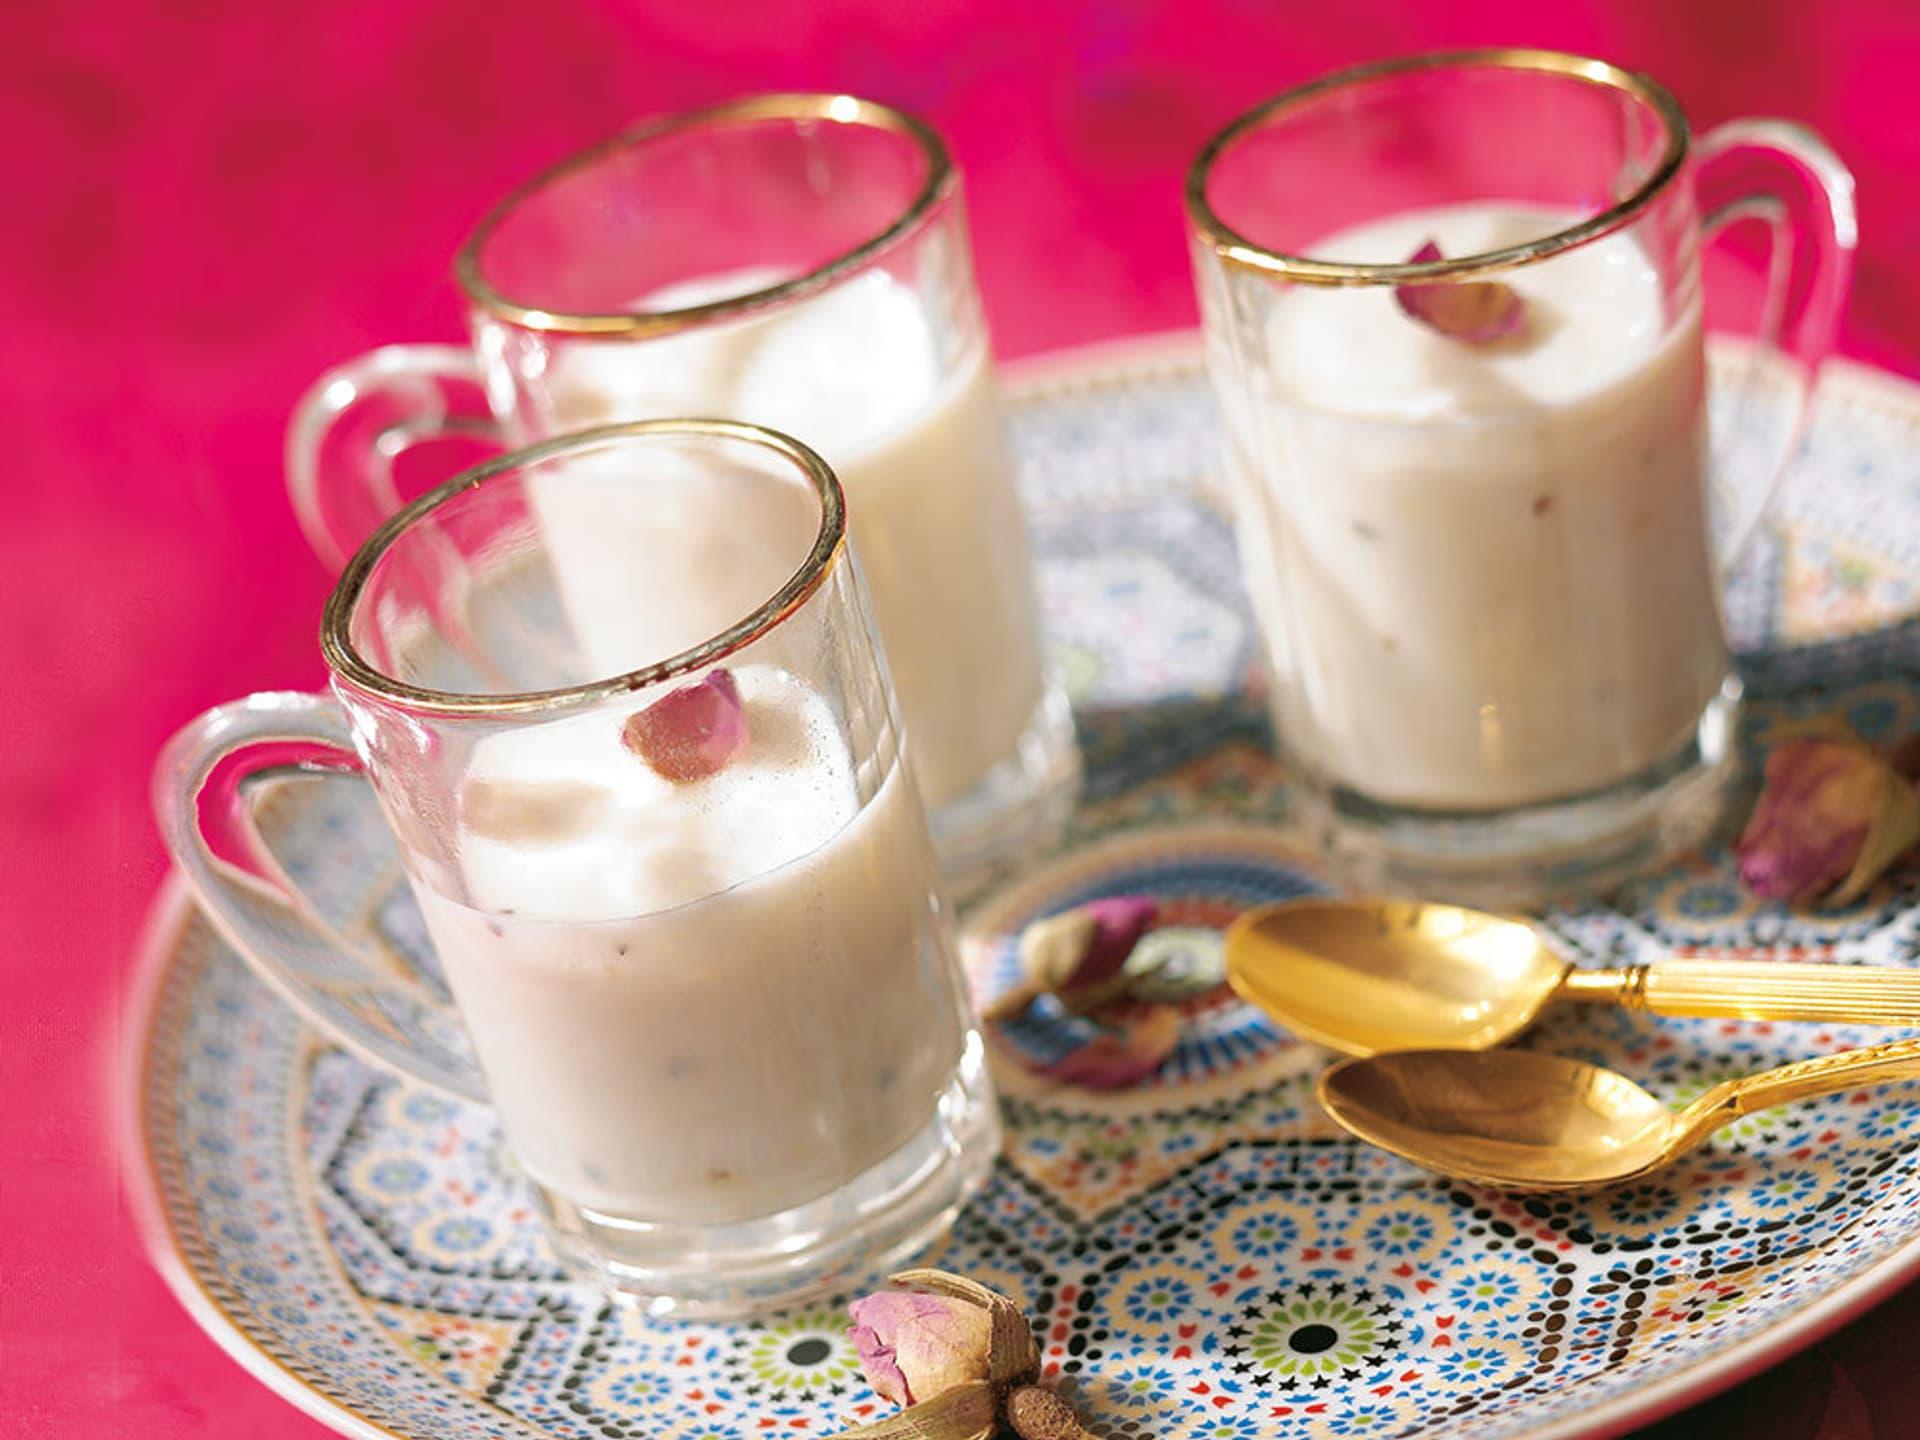 Weißes Getränk im Glas